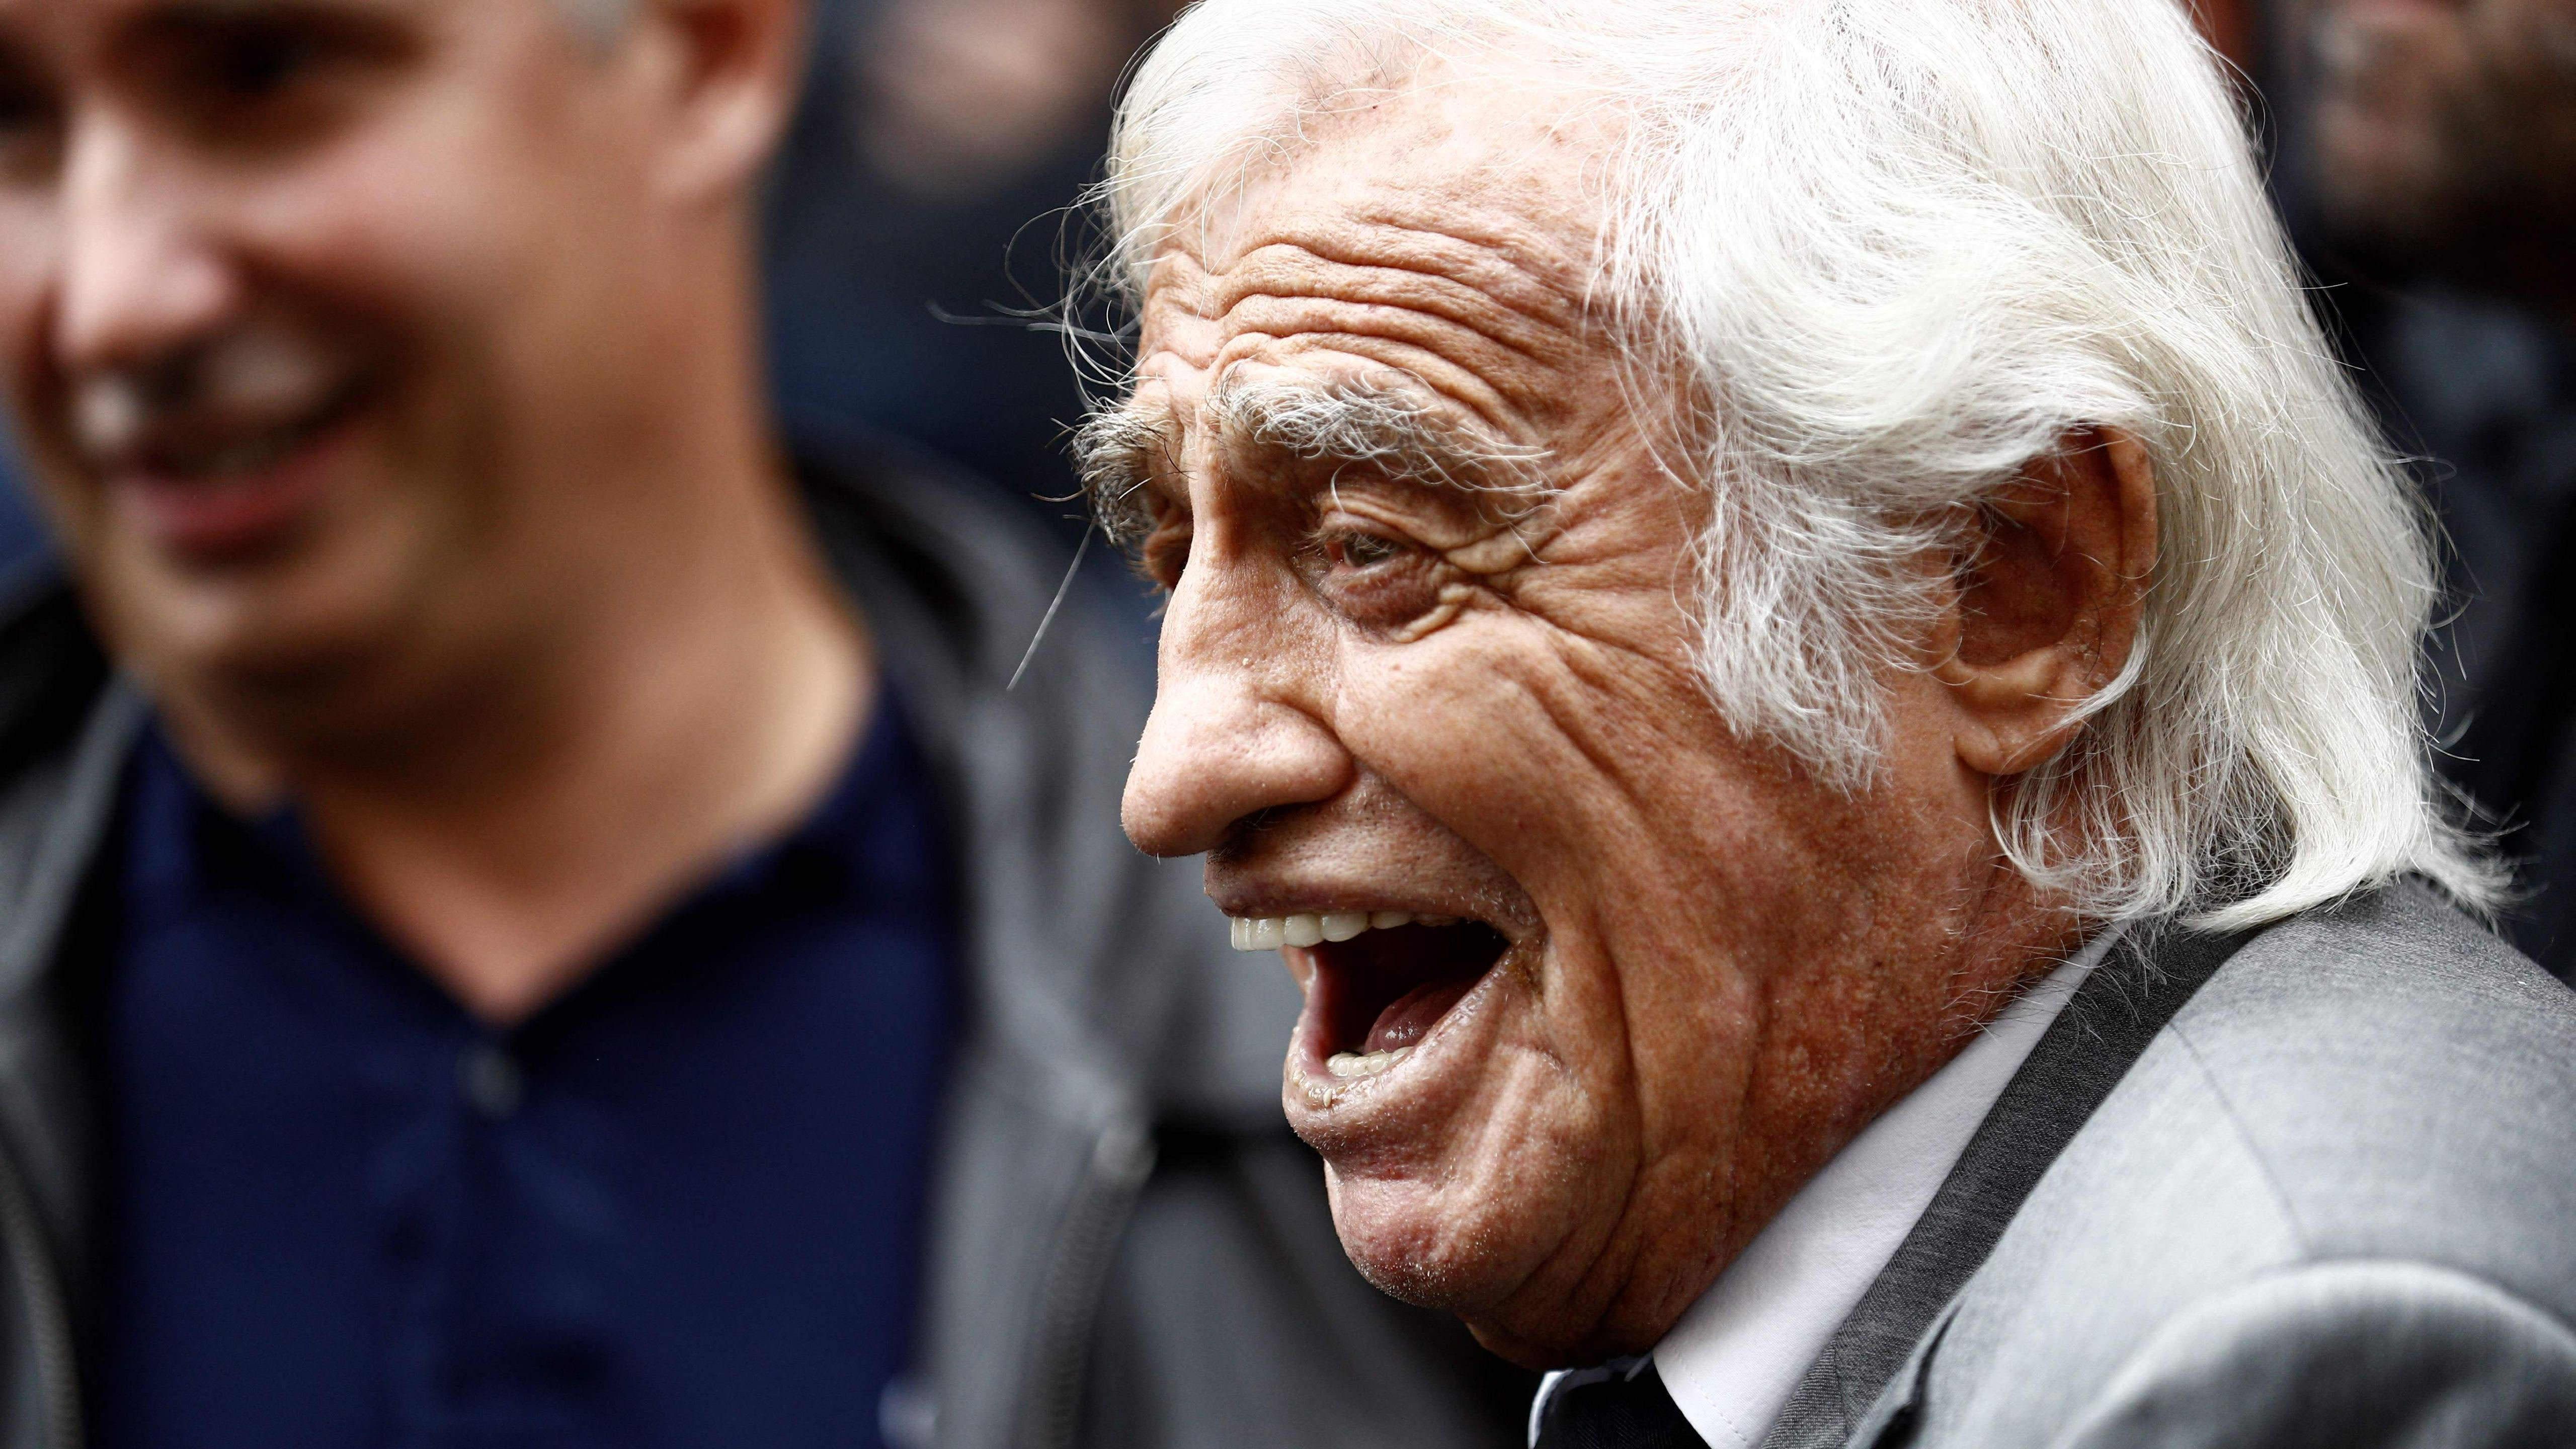 Ranskalainen näyttelijä Jean-Paul Belmondo on kuollut